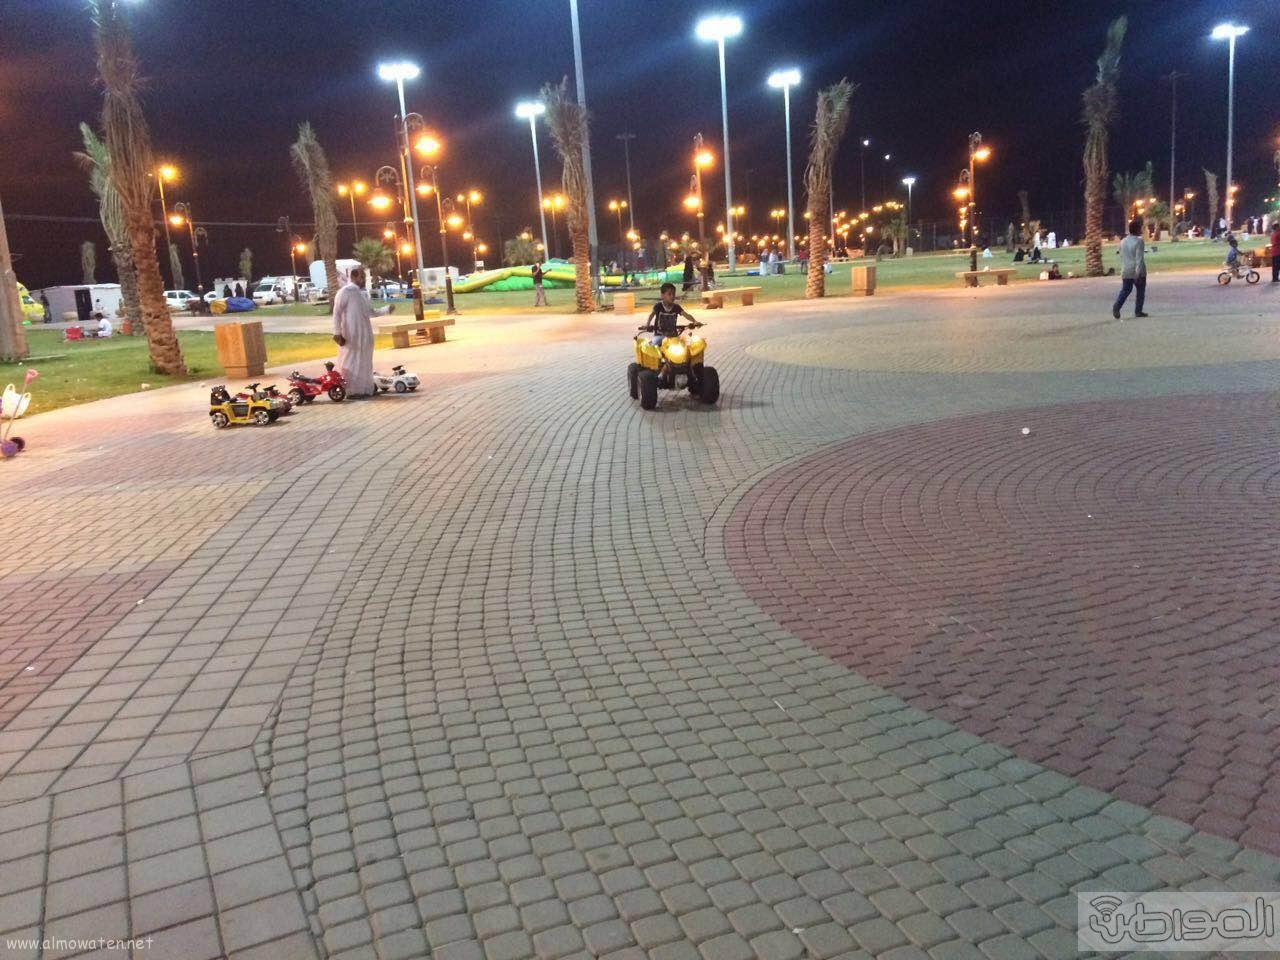 المتنزهين بمنتزه وممشى المحالة  (2)